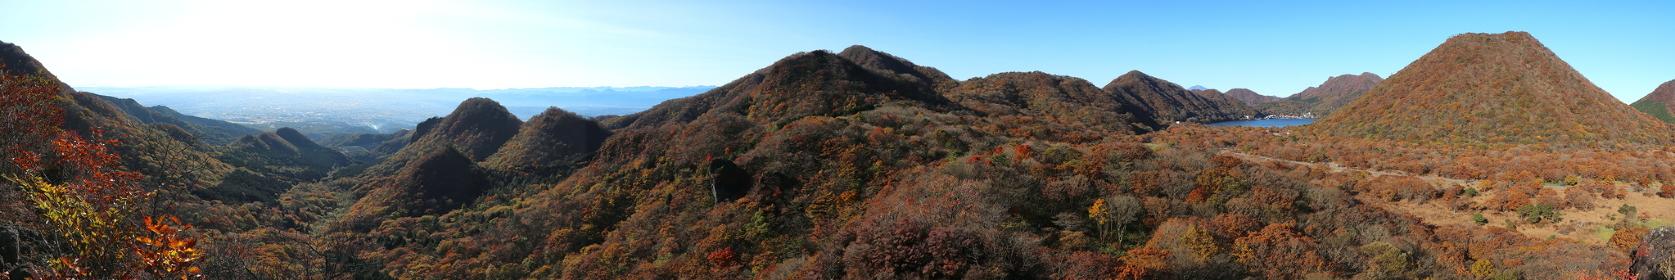 榛名富士と榛名湖と外輪山(榛名山) ~相馬山磨墨岩からの眺望2~ (秋/紅葉)(パノラマ)